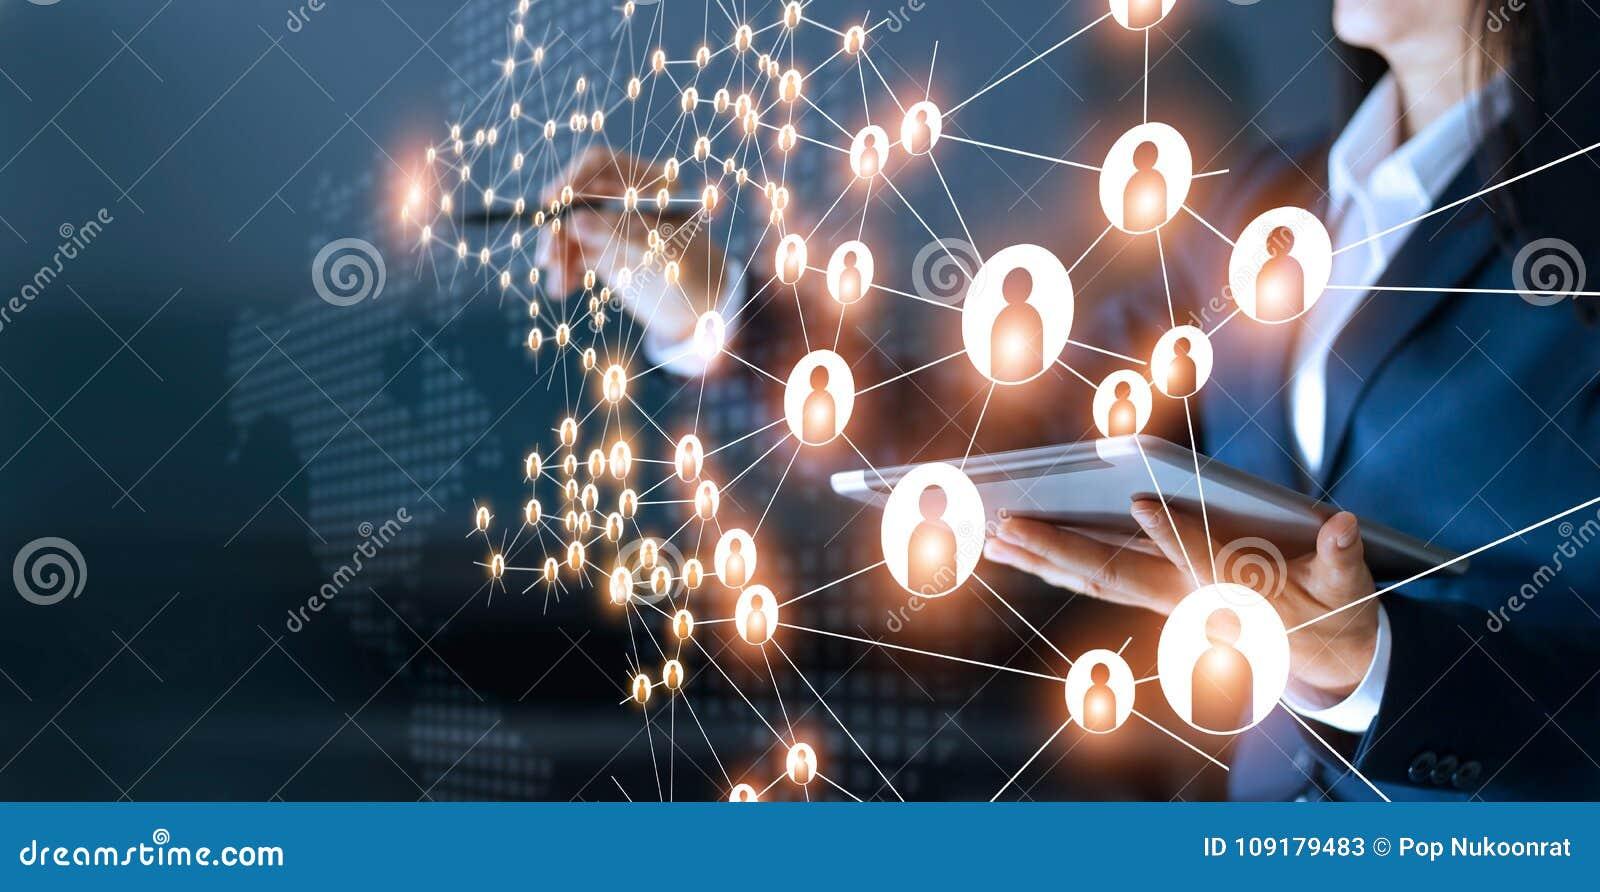 Бизнес-леди рисуя глобальную сеть структуры